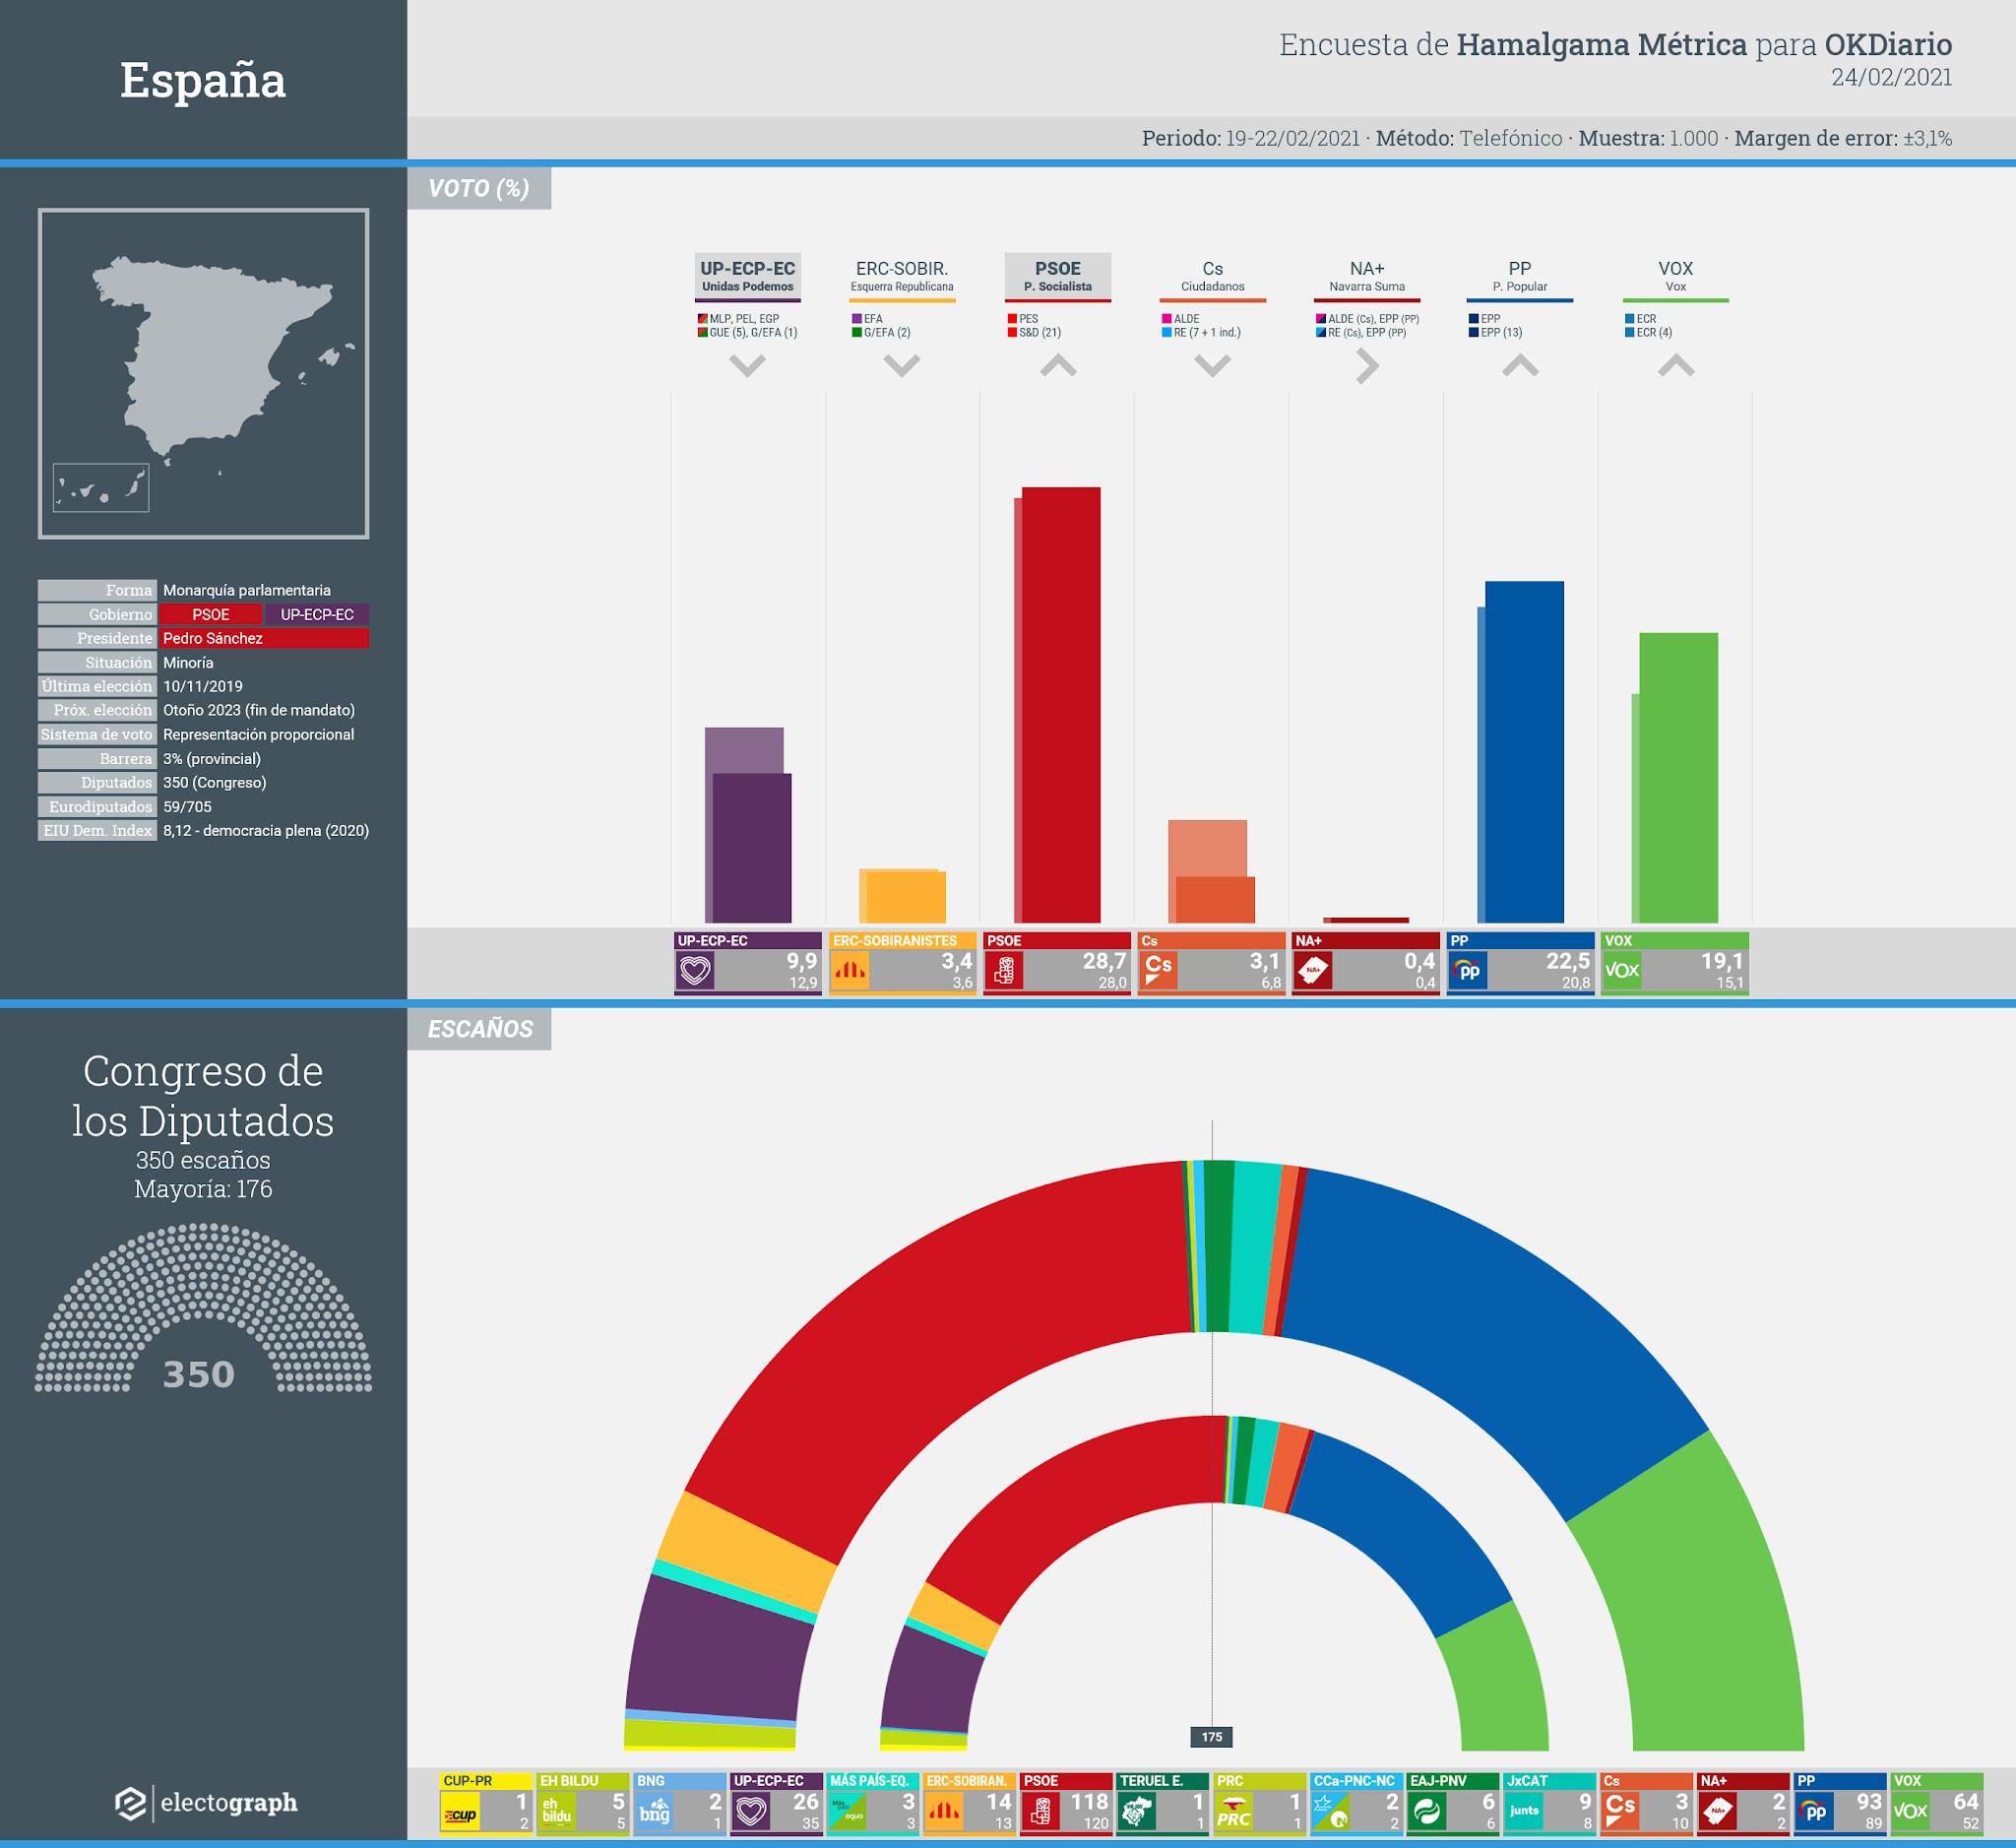 Gráfico de la encuesta para elecciones generales en España realizada por Hamalgama Métrica para OKDiario, 24 de febrero de 2021